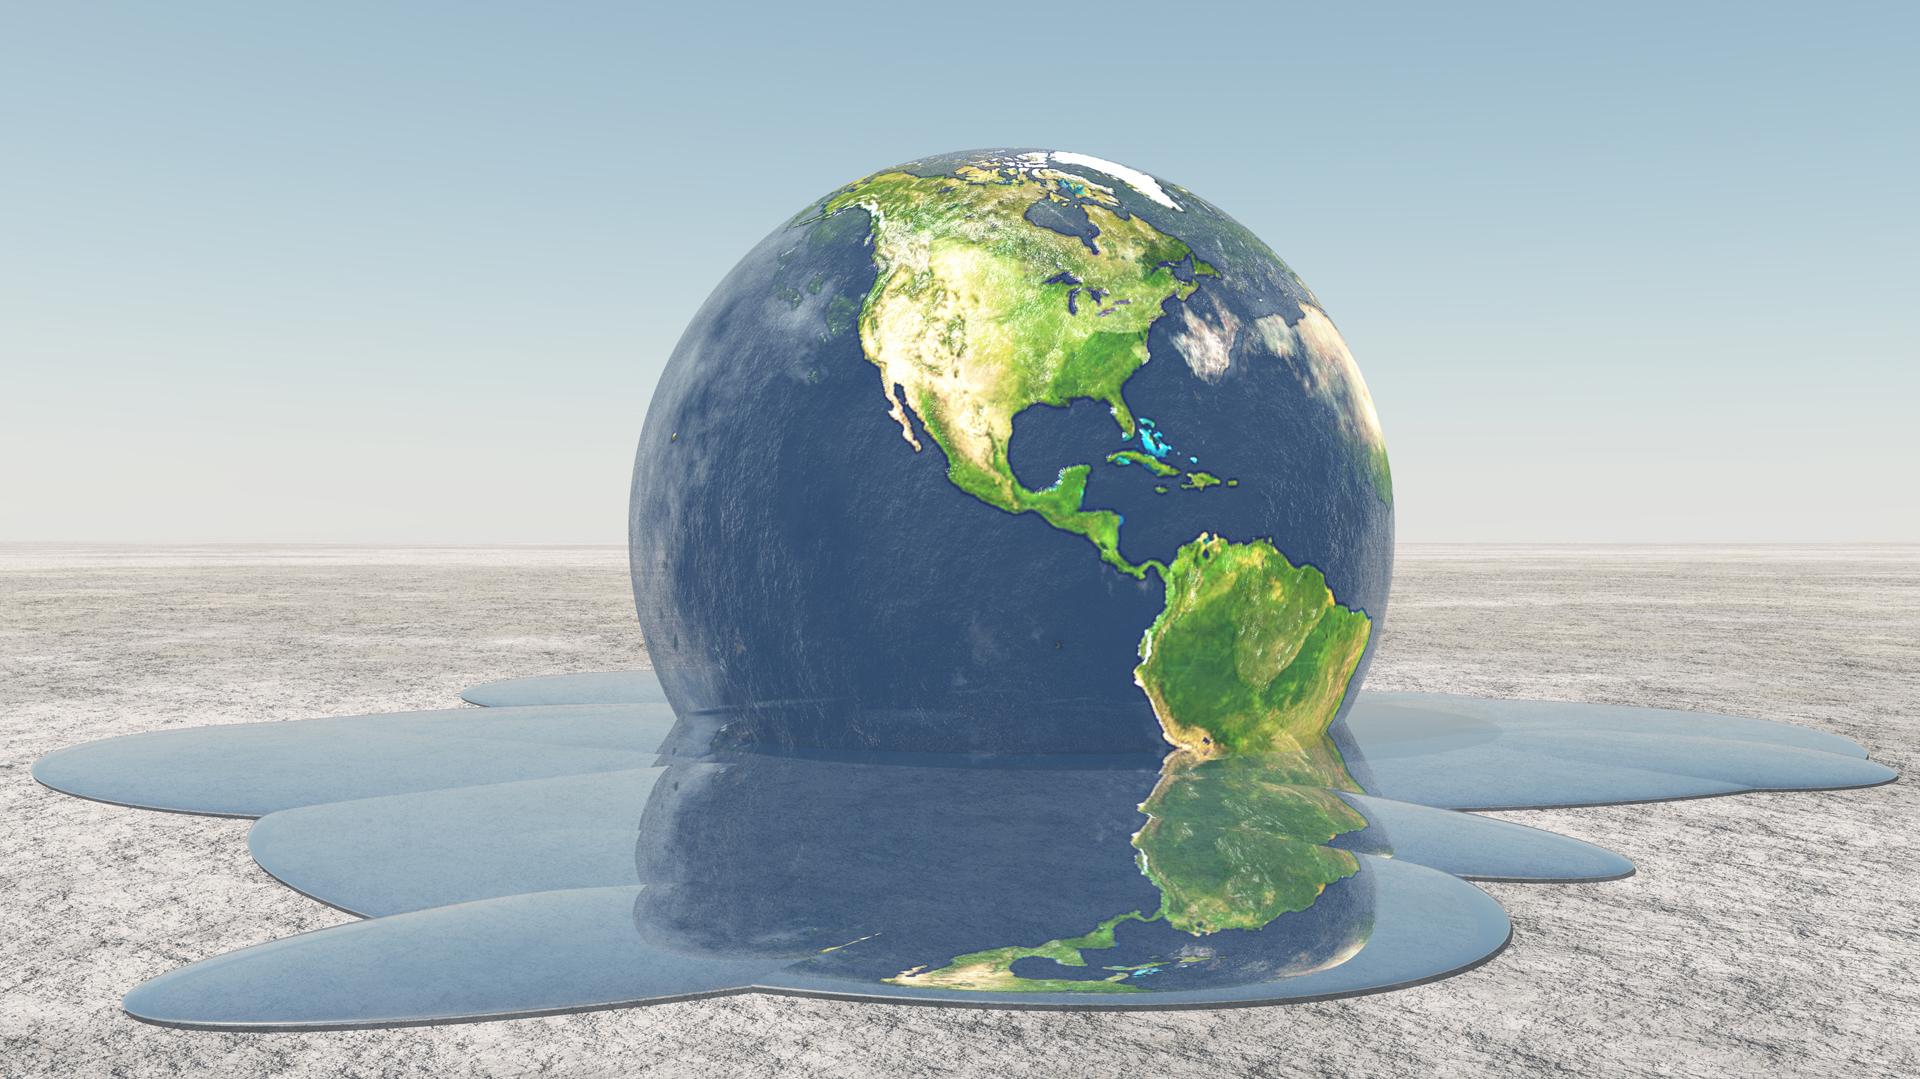 El calentamiento global producirá cambios catastróficos (iStock)